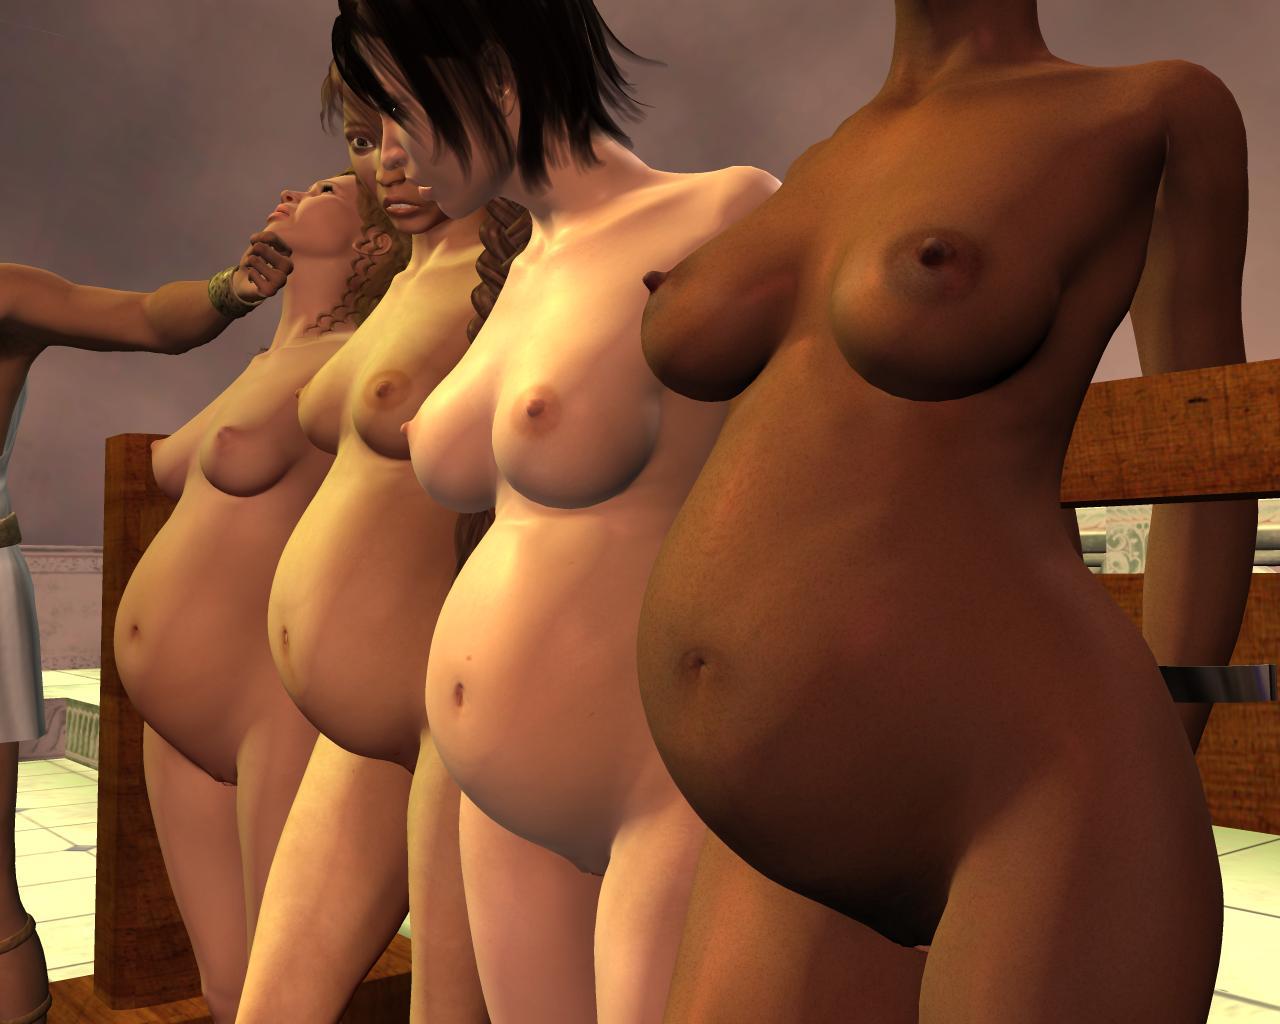 Enslaved nude wallpaper adult kinky daughter